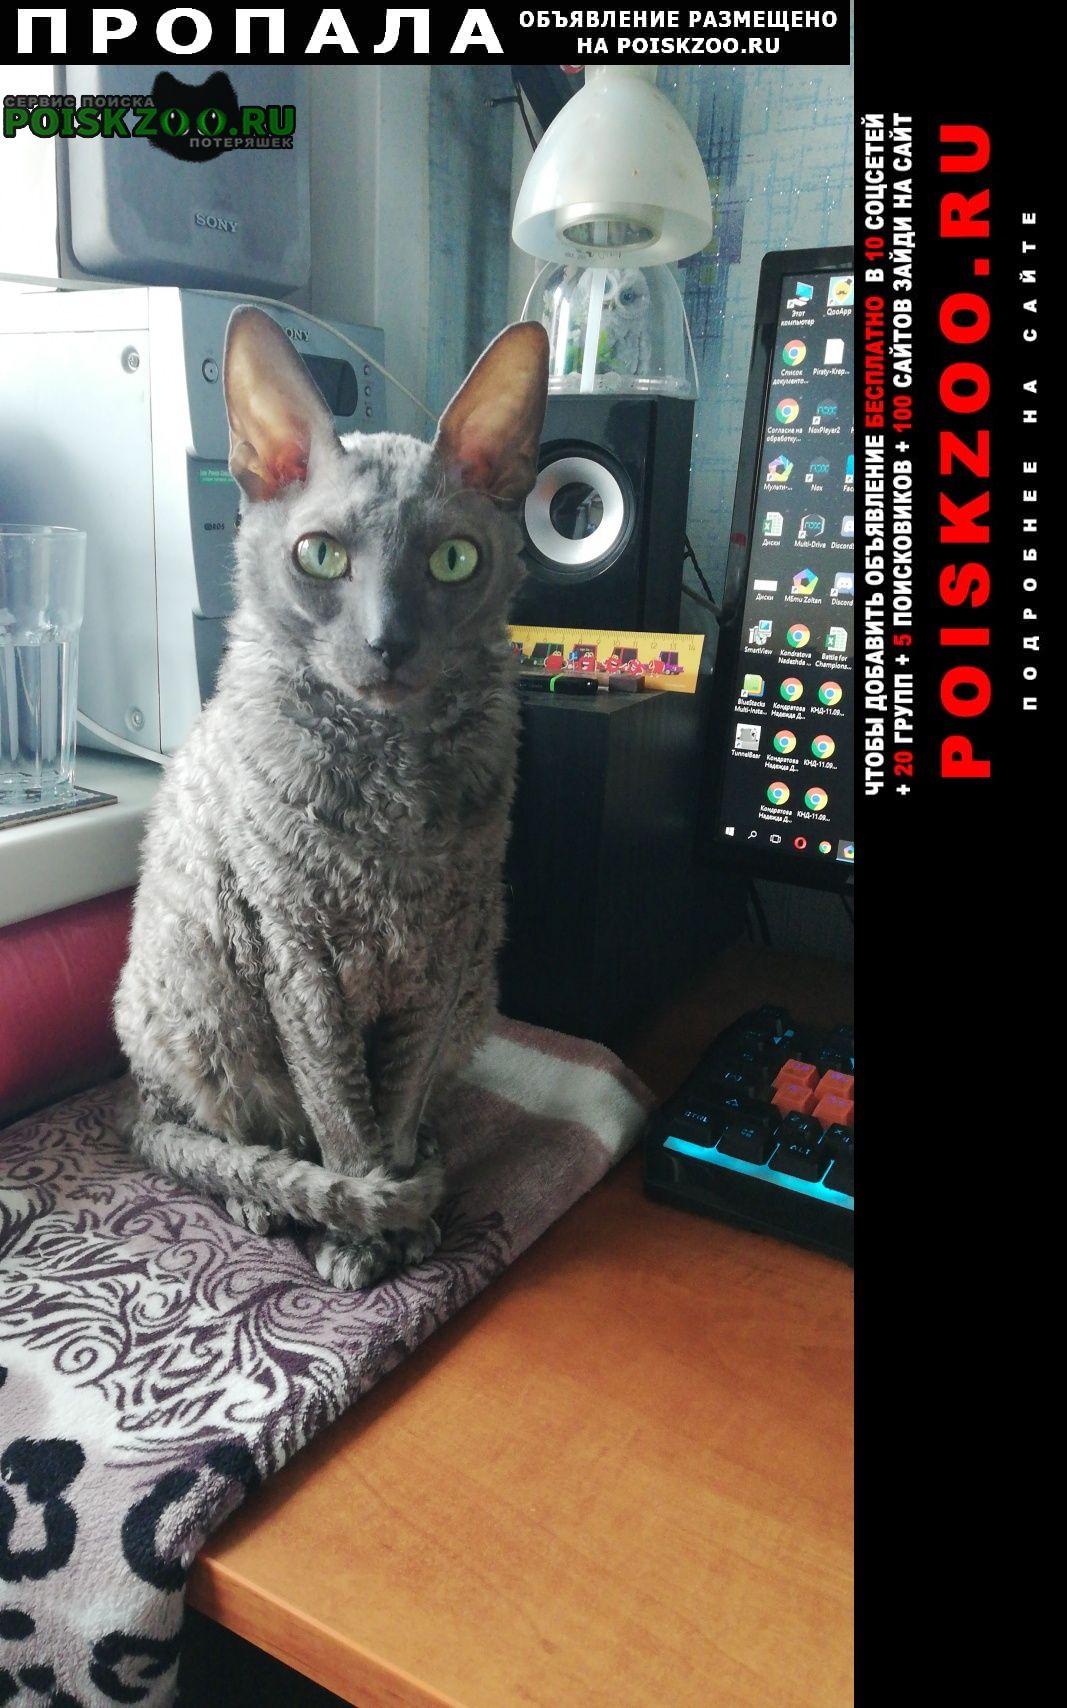 Пропала кошка район басманный Москва